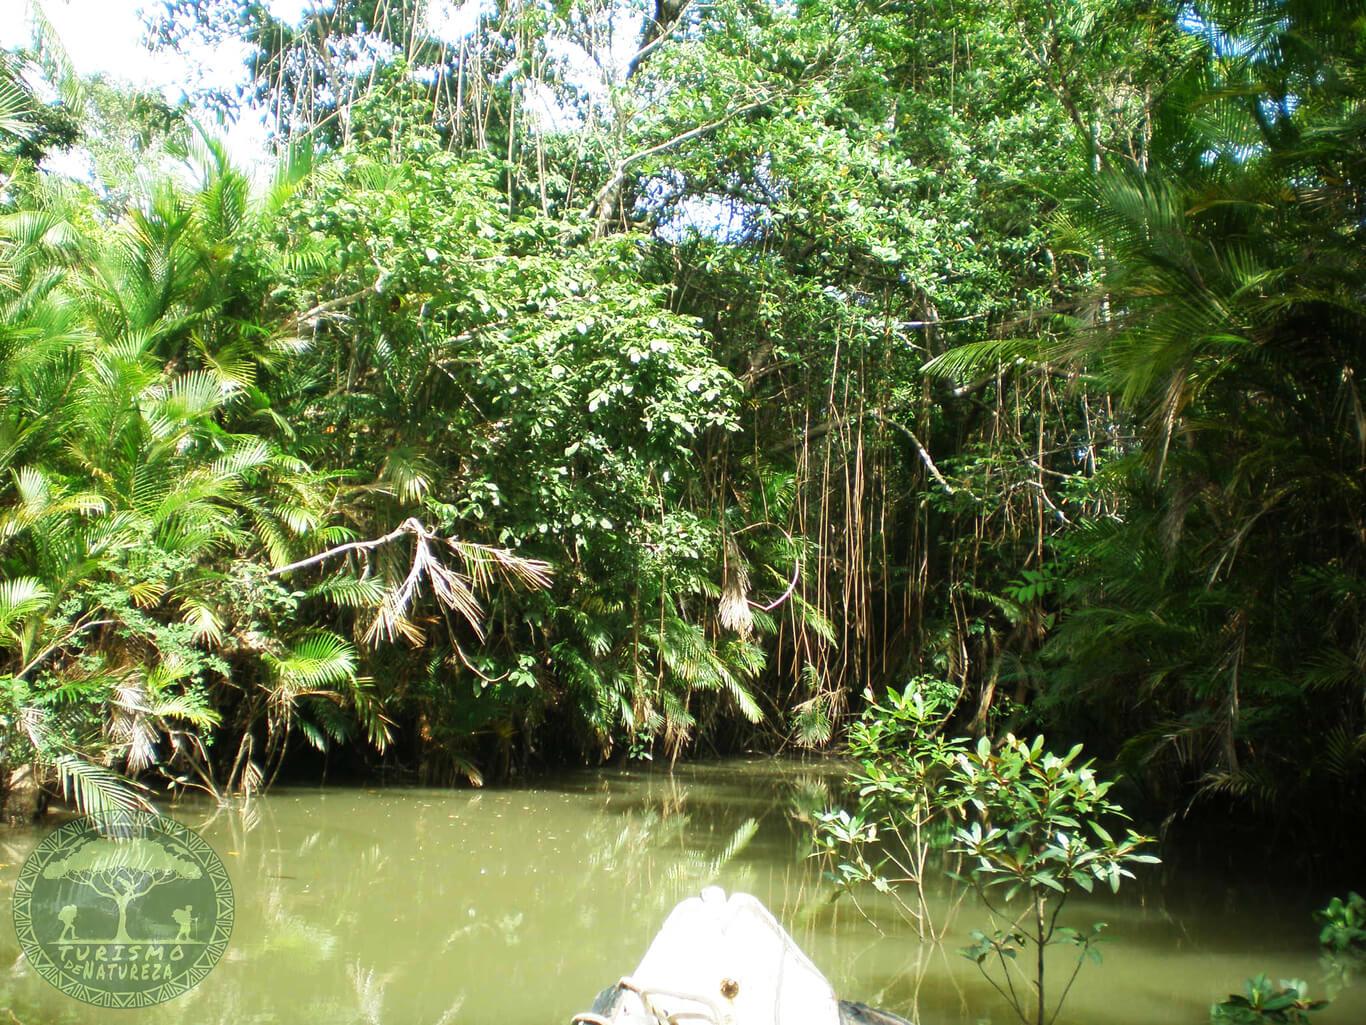 O que fazer na Ilha de Marajó em Soure. Passeio de barco pelo Furo do Miguelão.